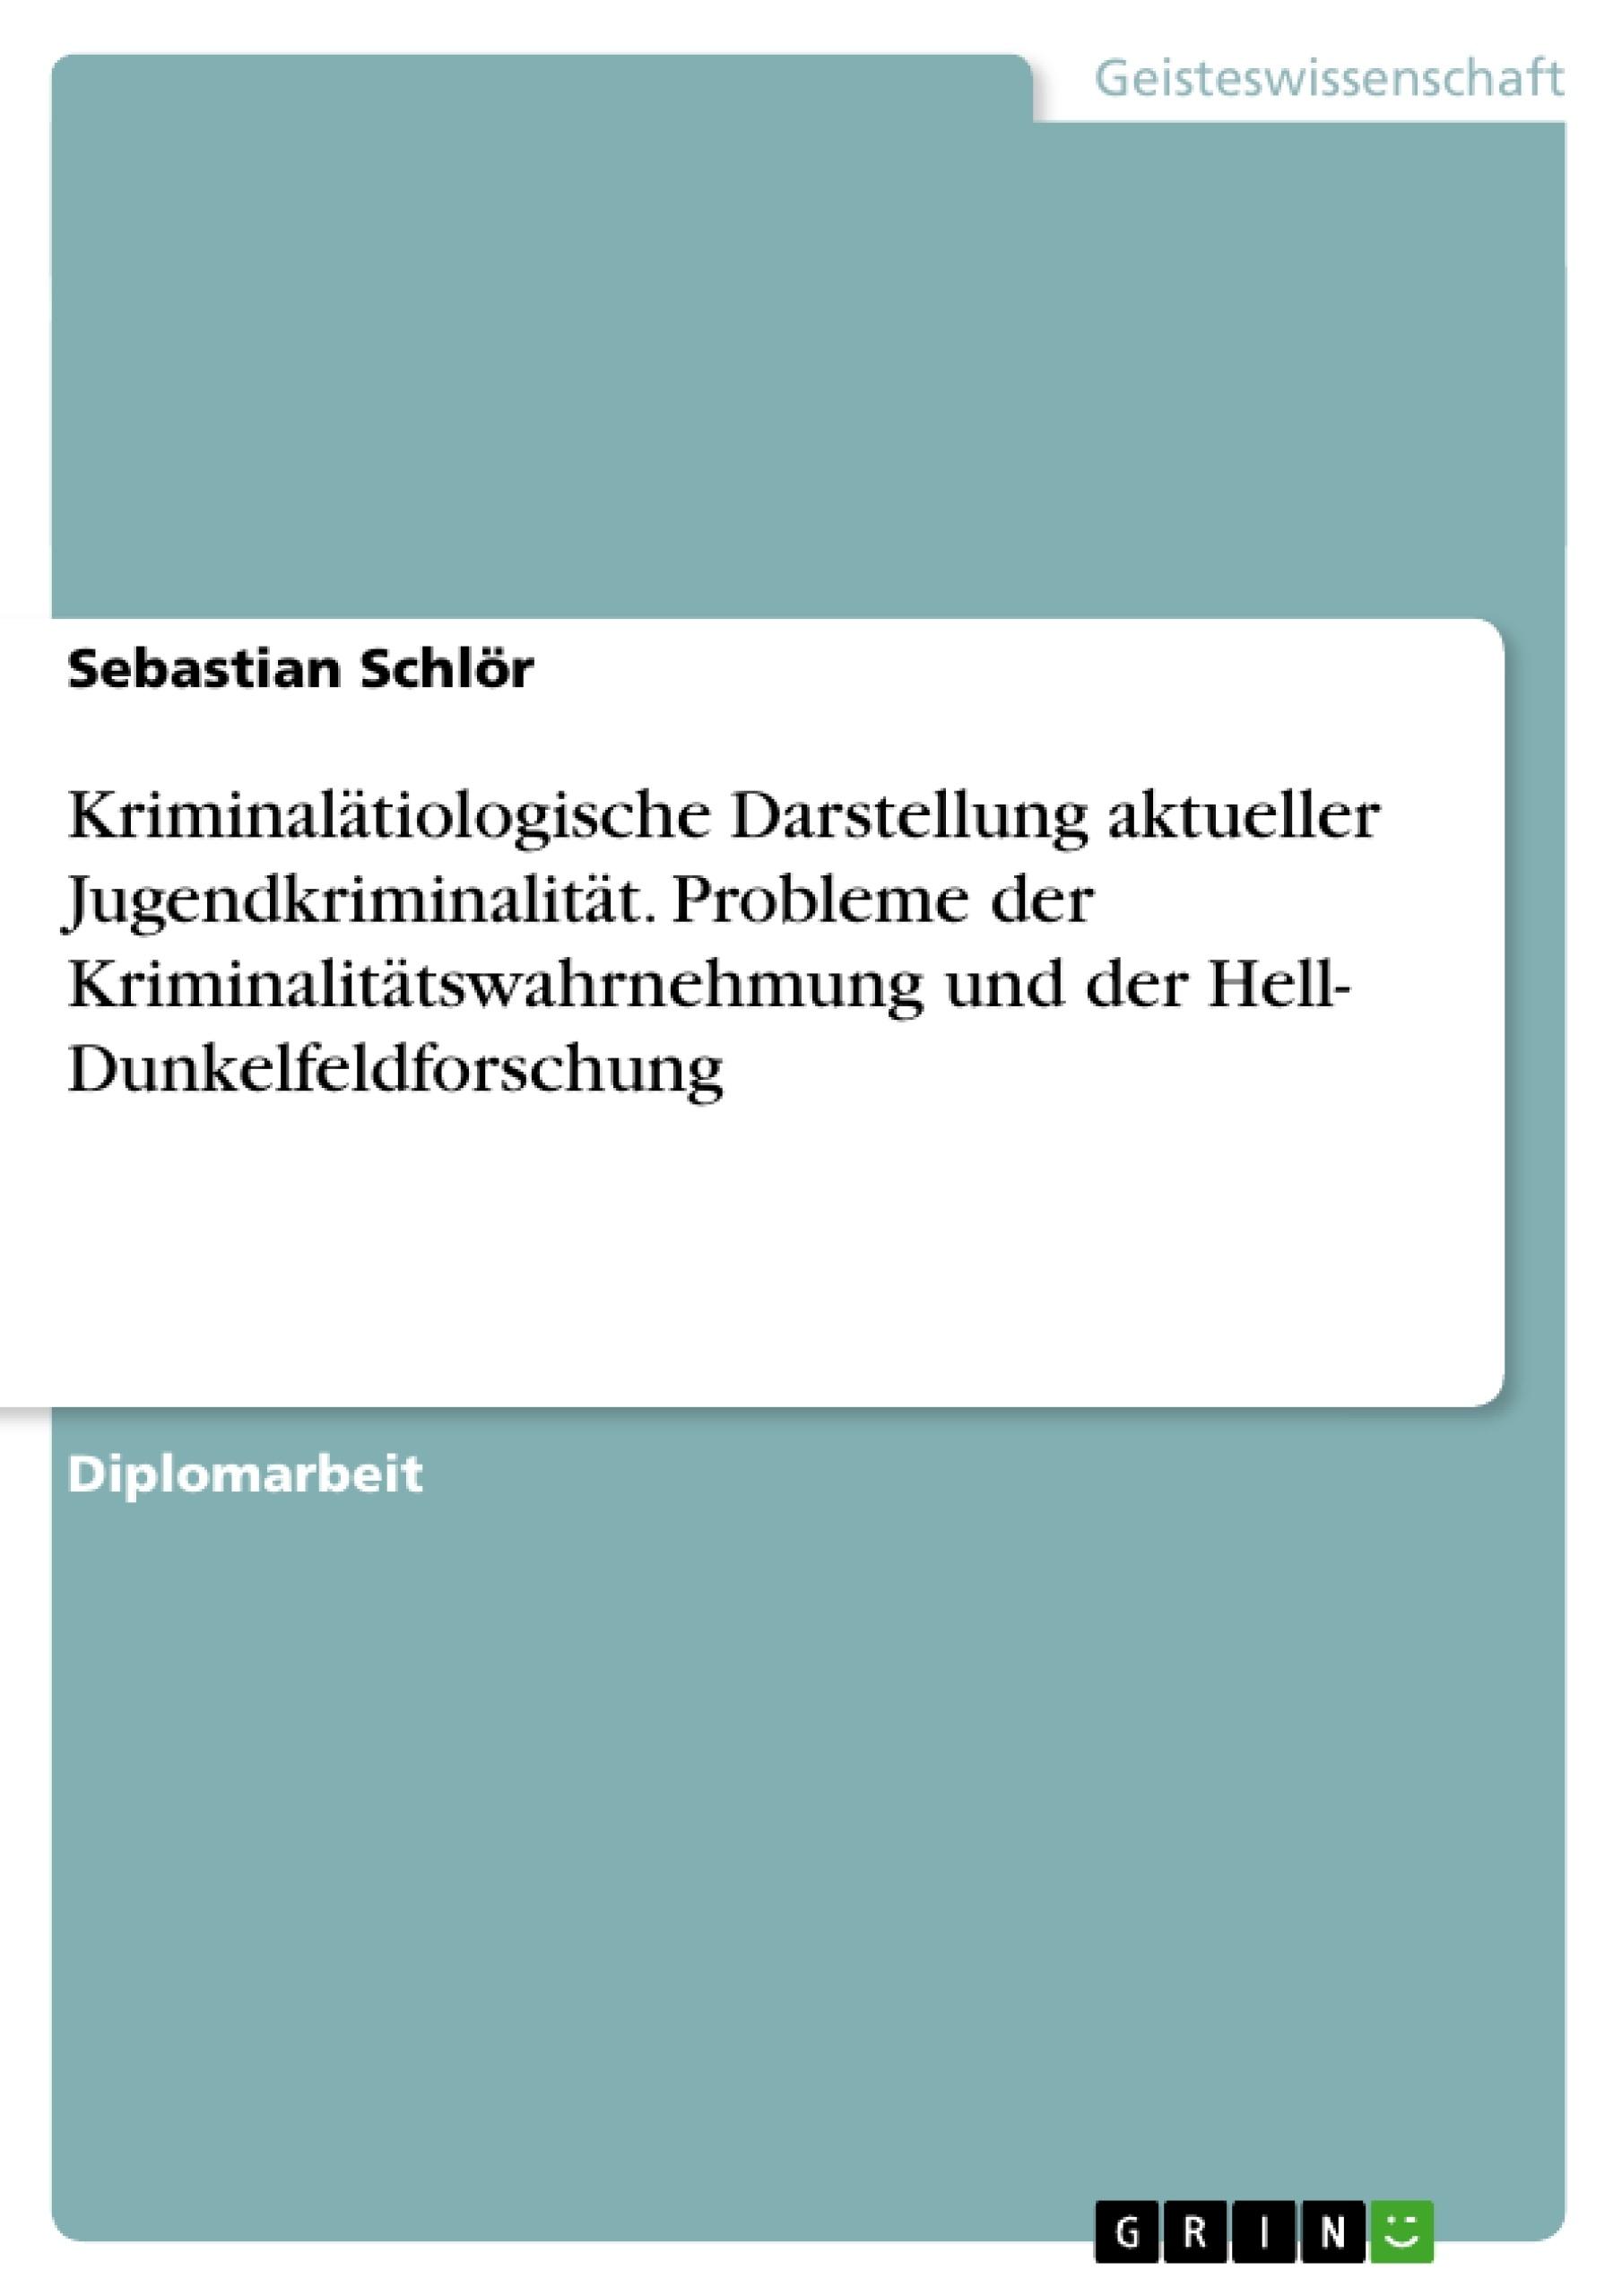 Titel: Kriminalätiologische Darstellung aktueller Jugendkriminalität. Probleme der Kriminalitätswahrnehmung und der Hell- Dunkelfeldforschung